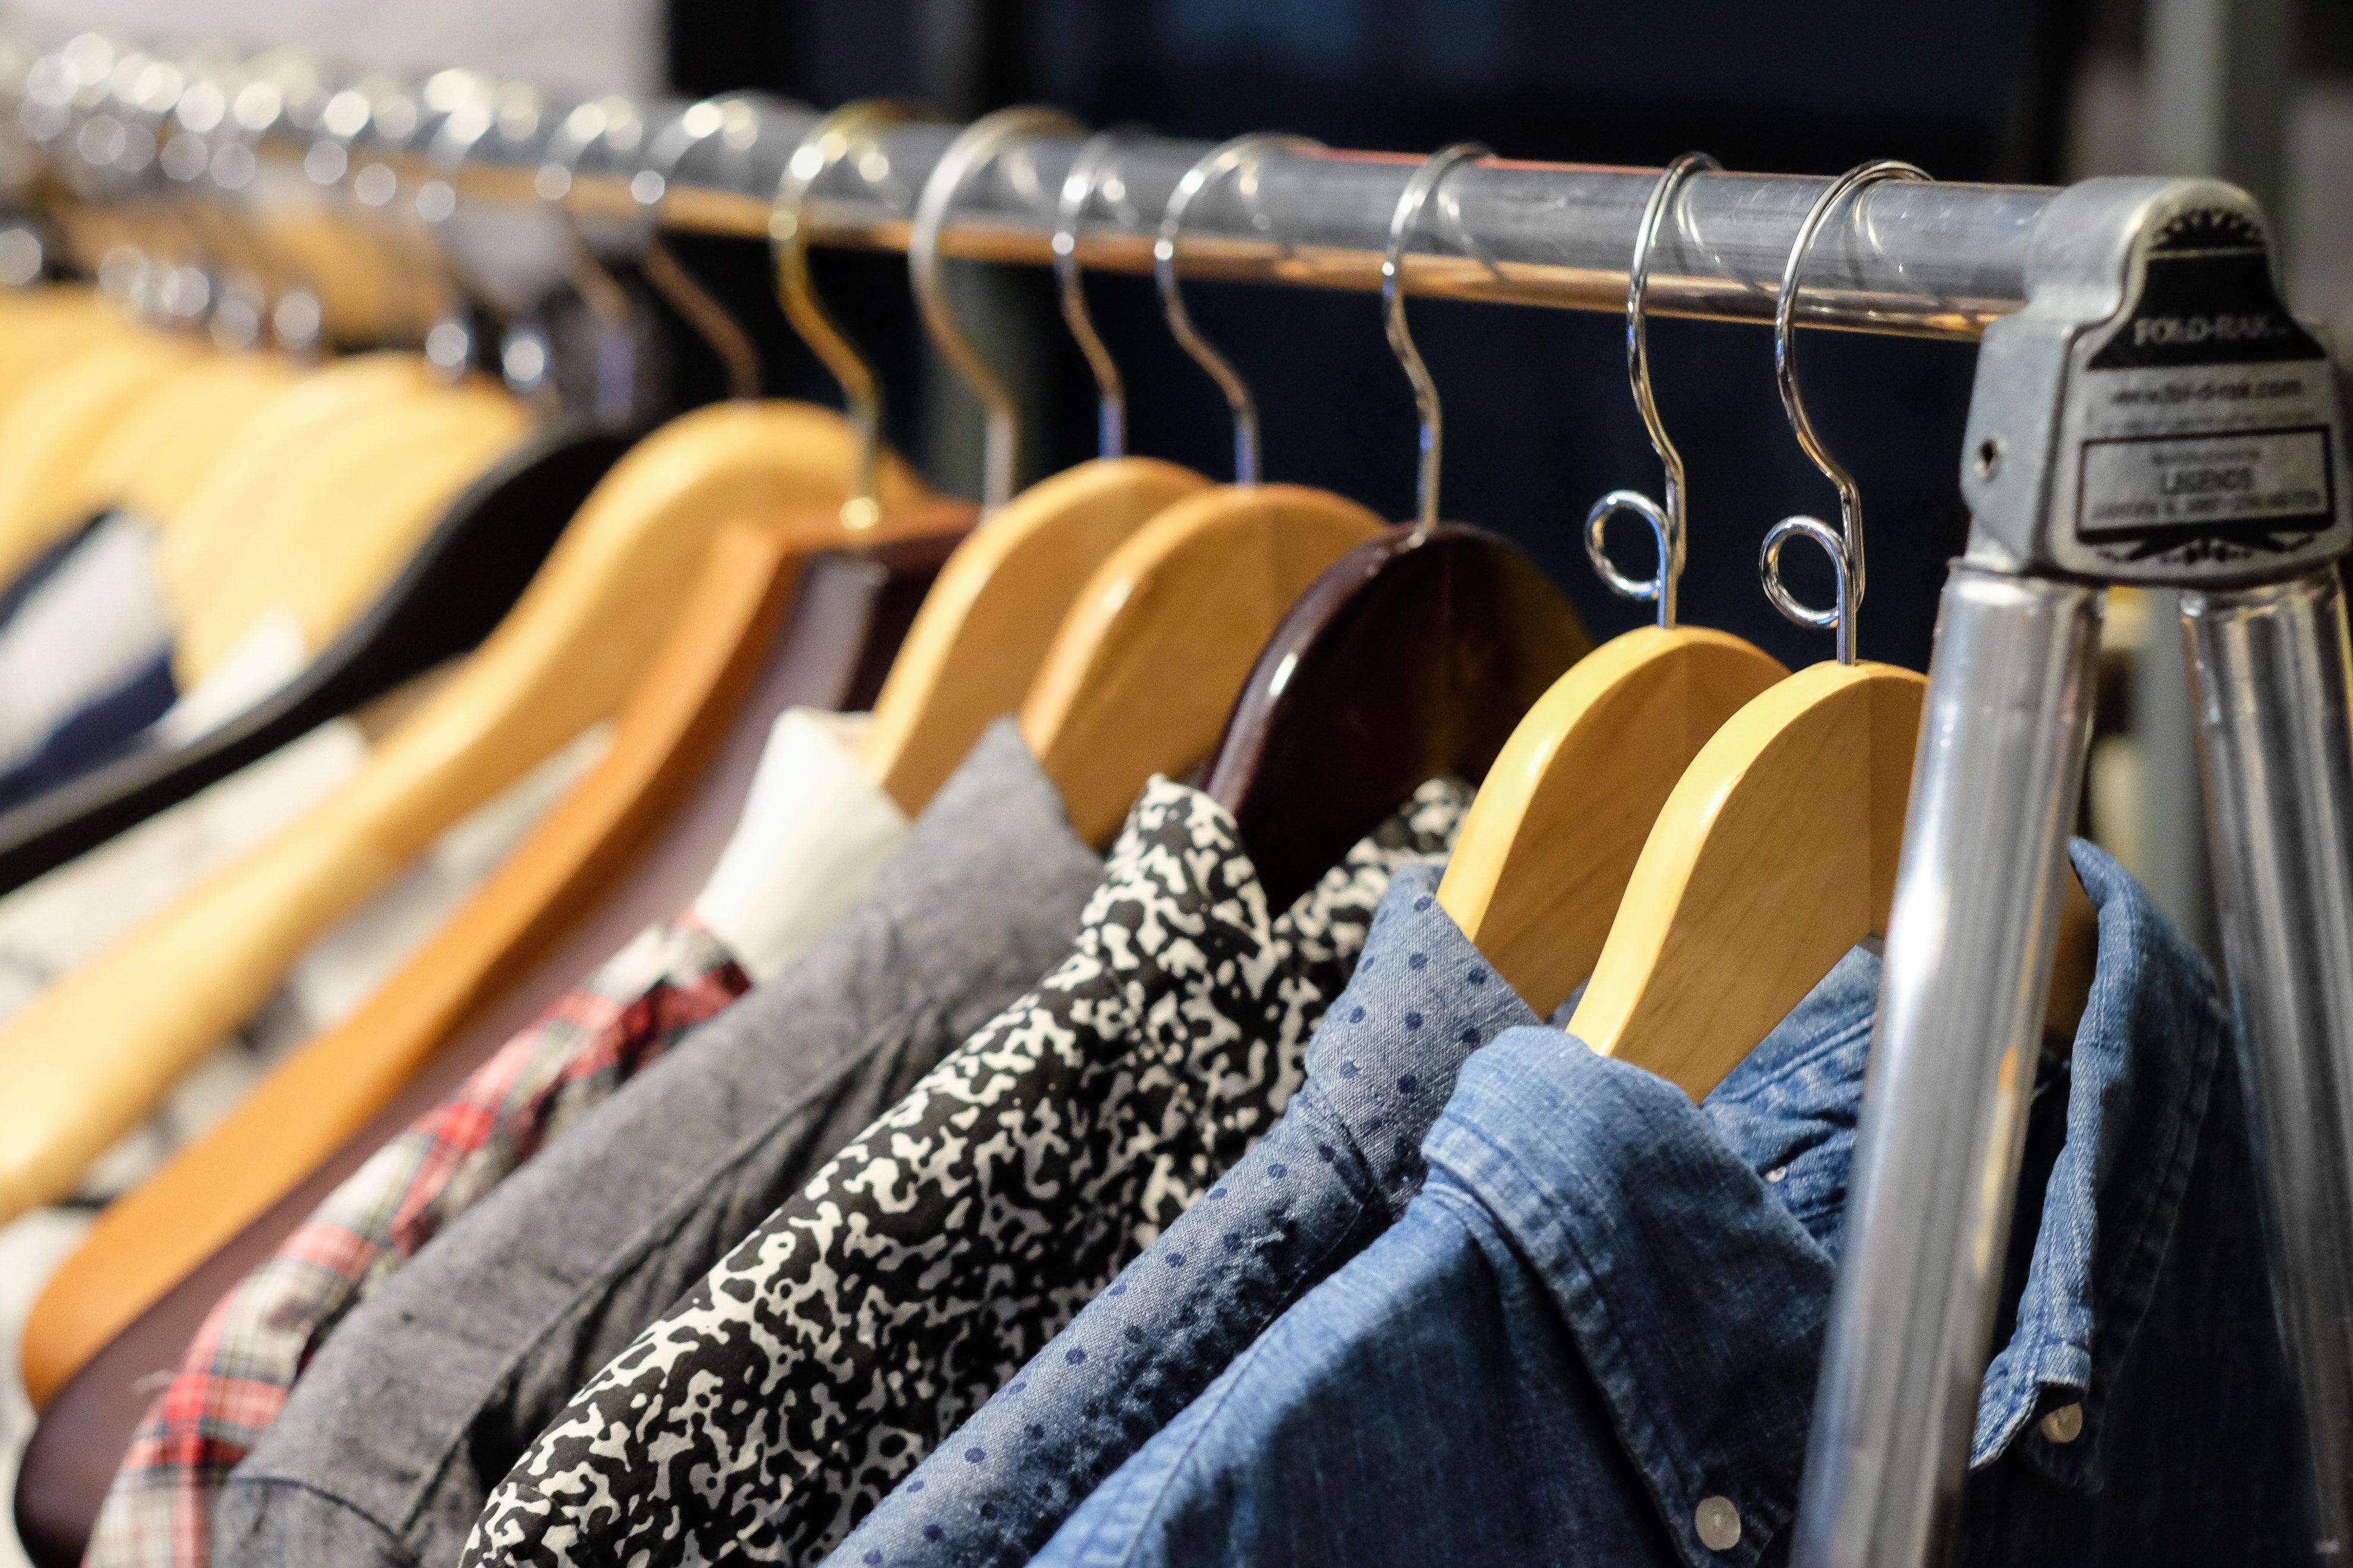 Hangers on rack.